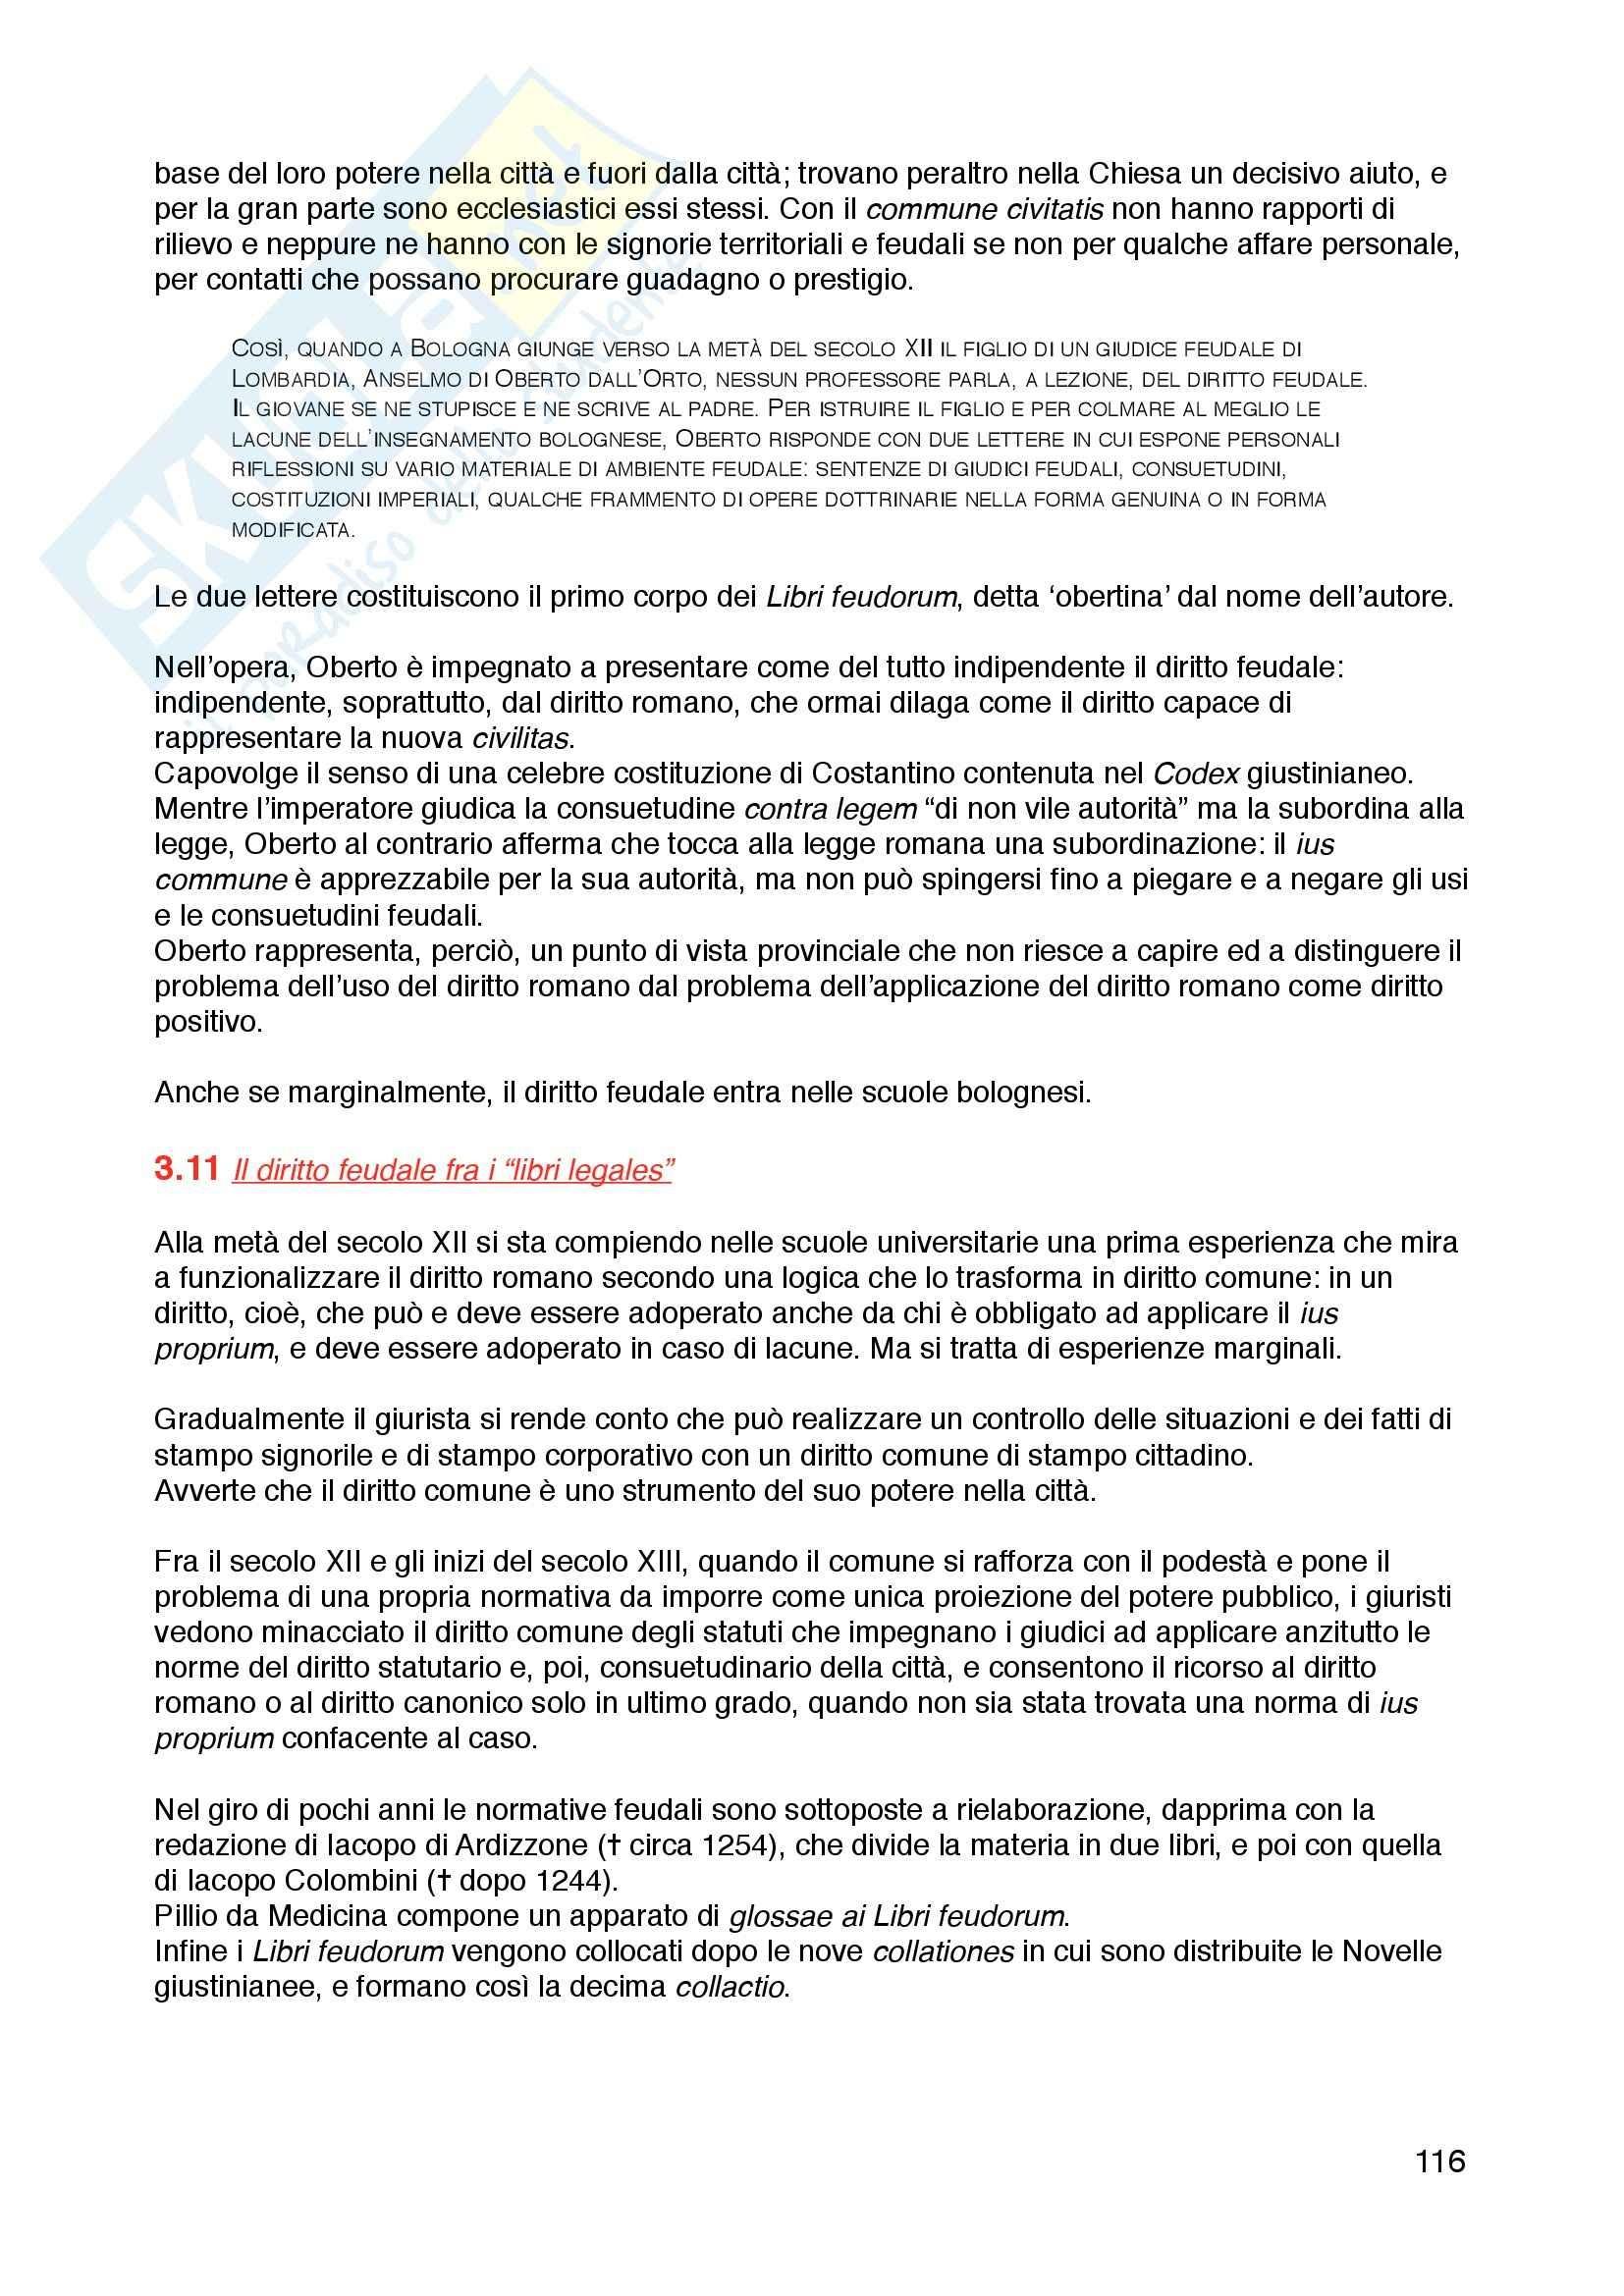 Roberta Braccia libro consigliato Diritto senza Riassunto esame Storia del diritto me vale prof Roberta Braccia libro consigliato Diritto senza